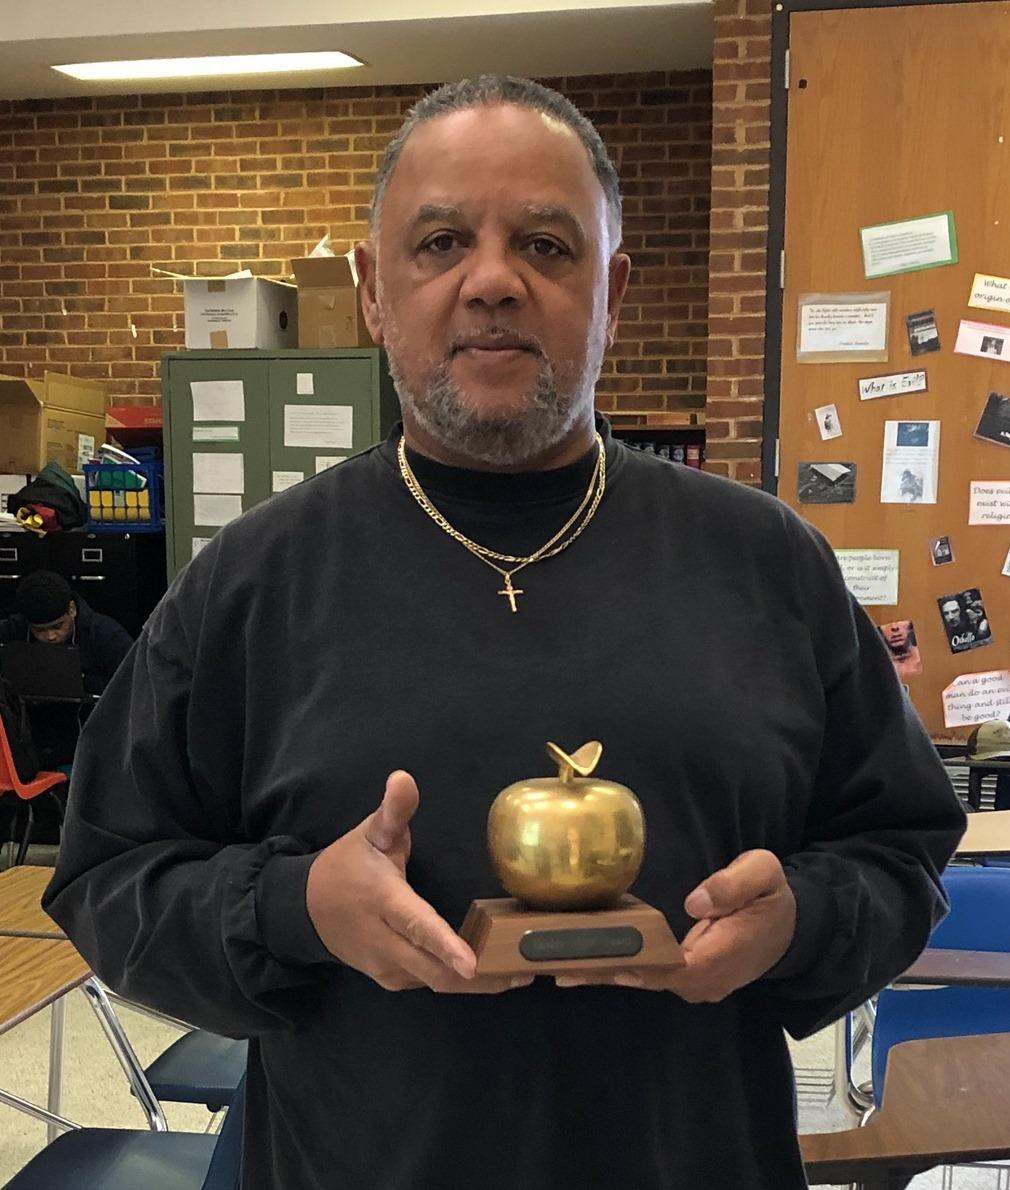 Mr. Vance Johnson, Golden Apple Award